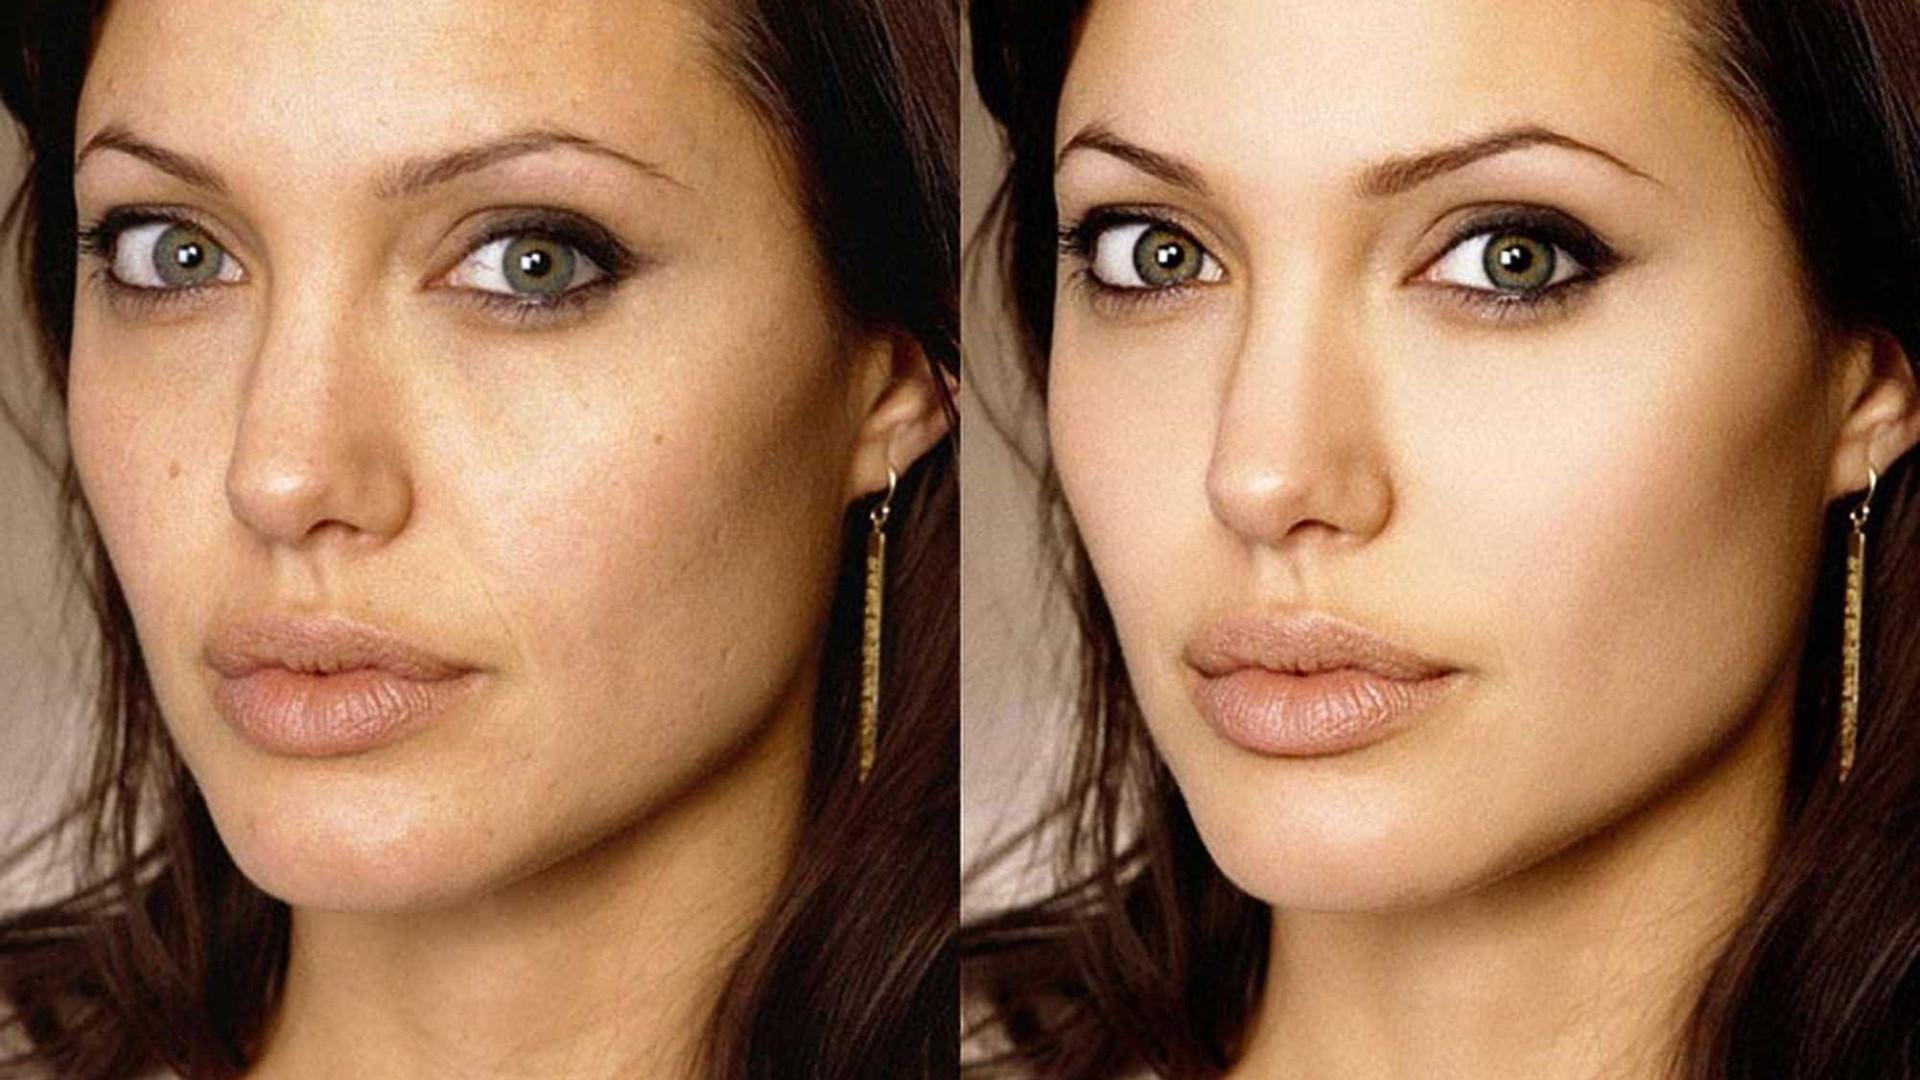 e27084737 Muita tecnologia: compare as celebridades após uso do Photoshop